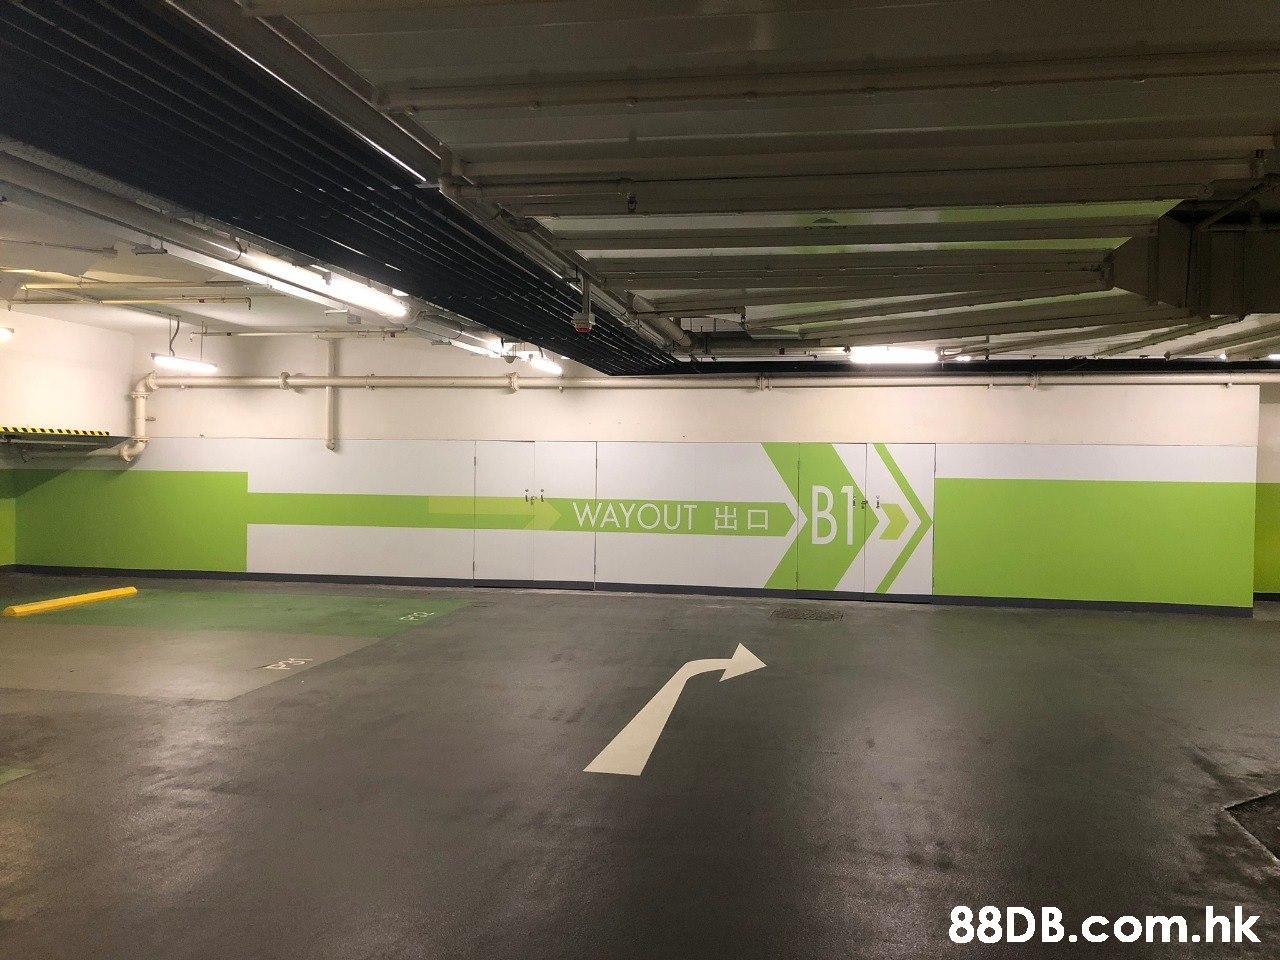 Bl .hk  Parking lot,Parking,Ceiling,City,Building